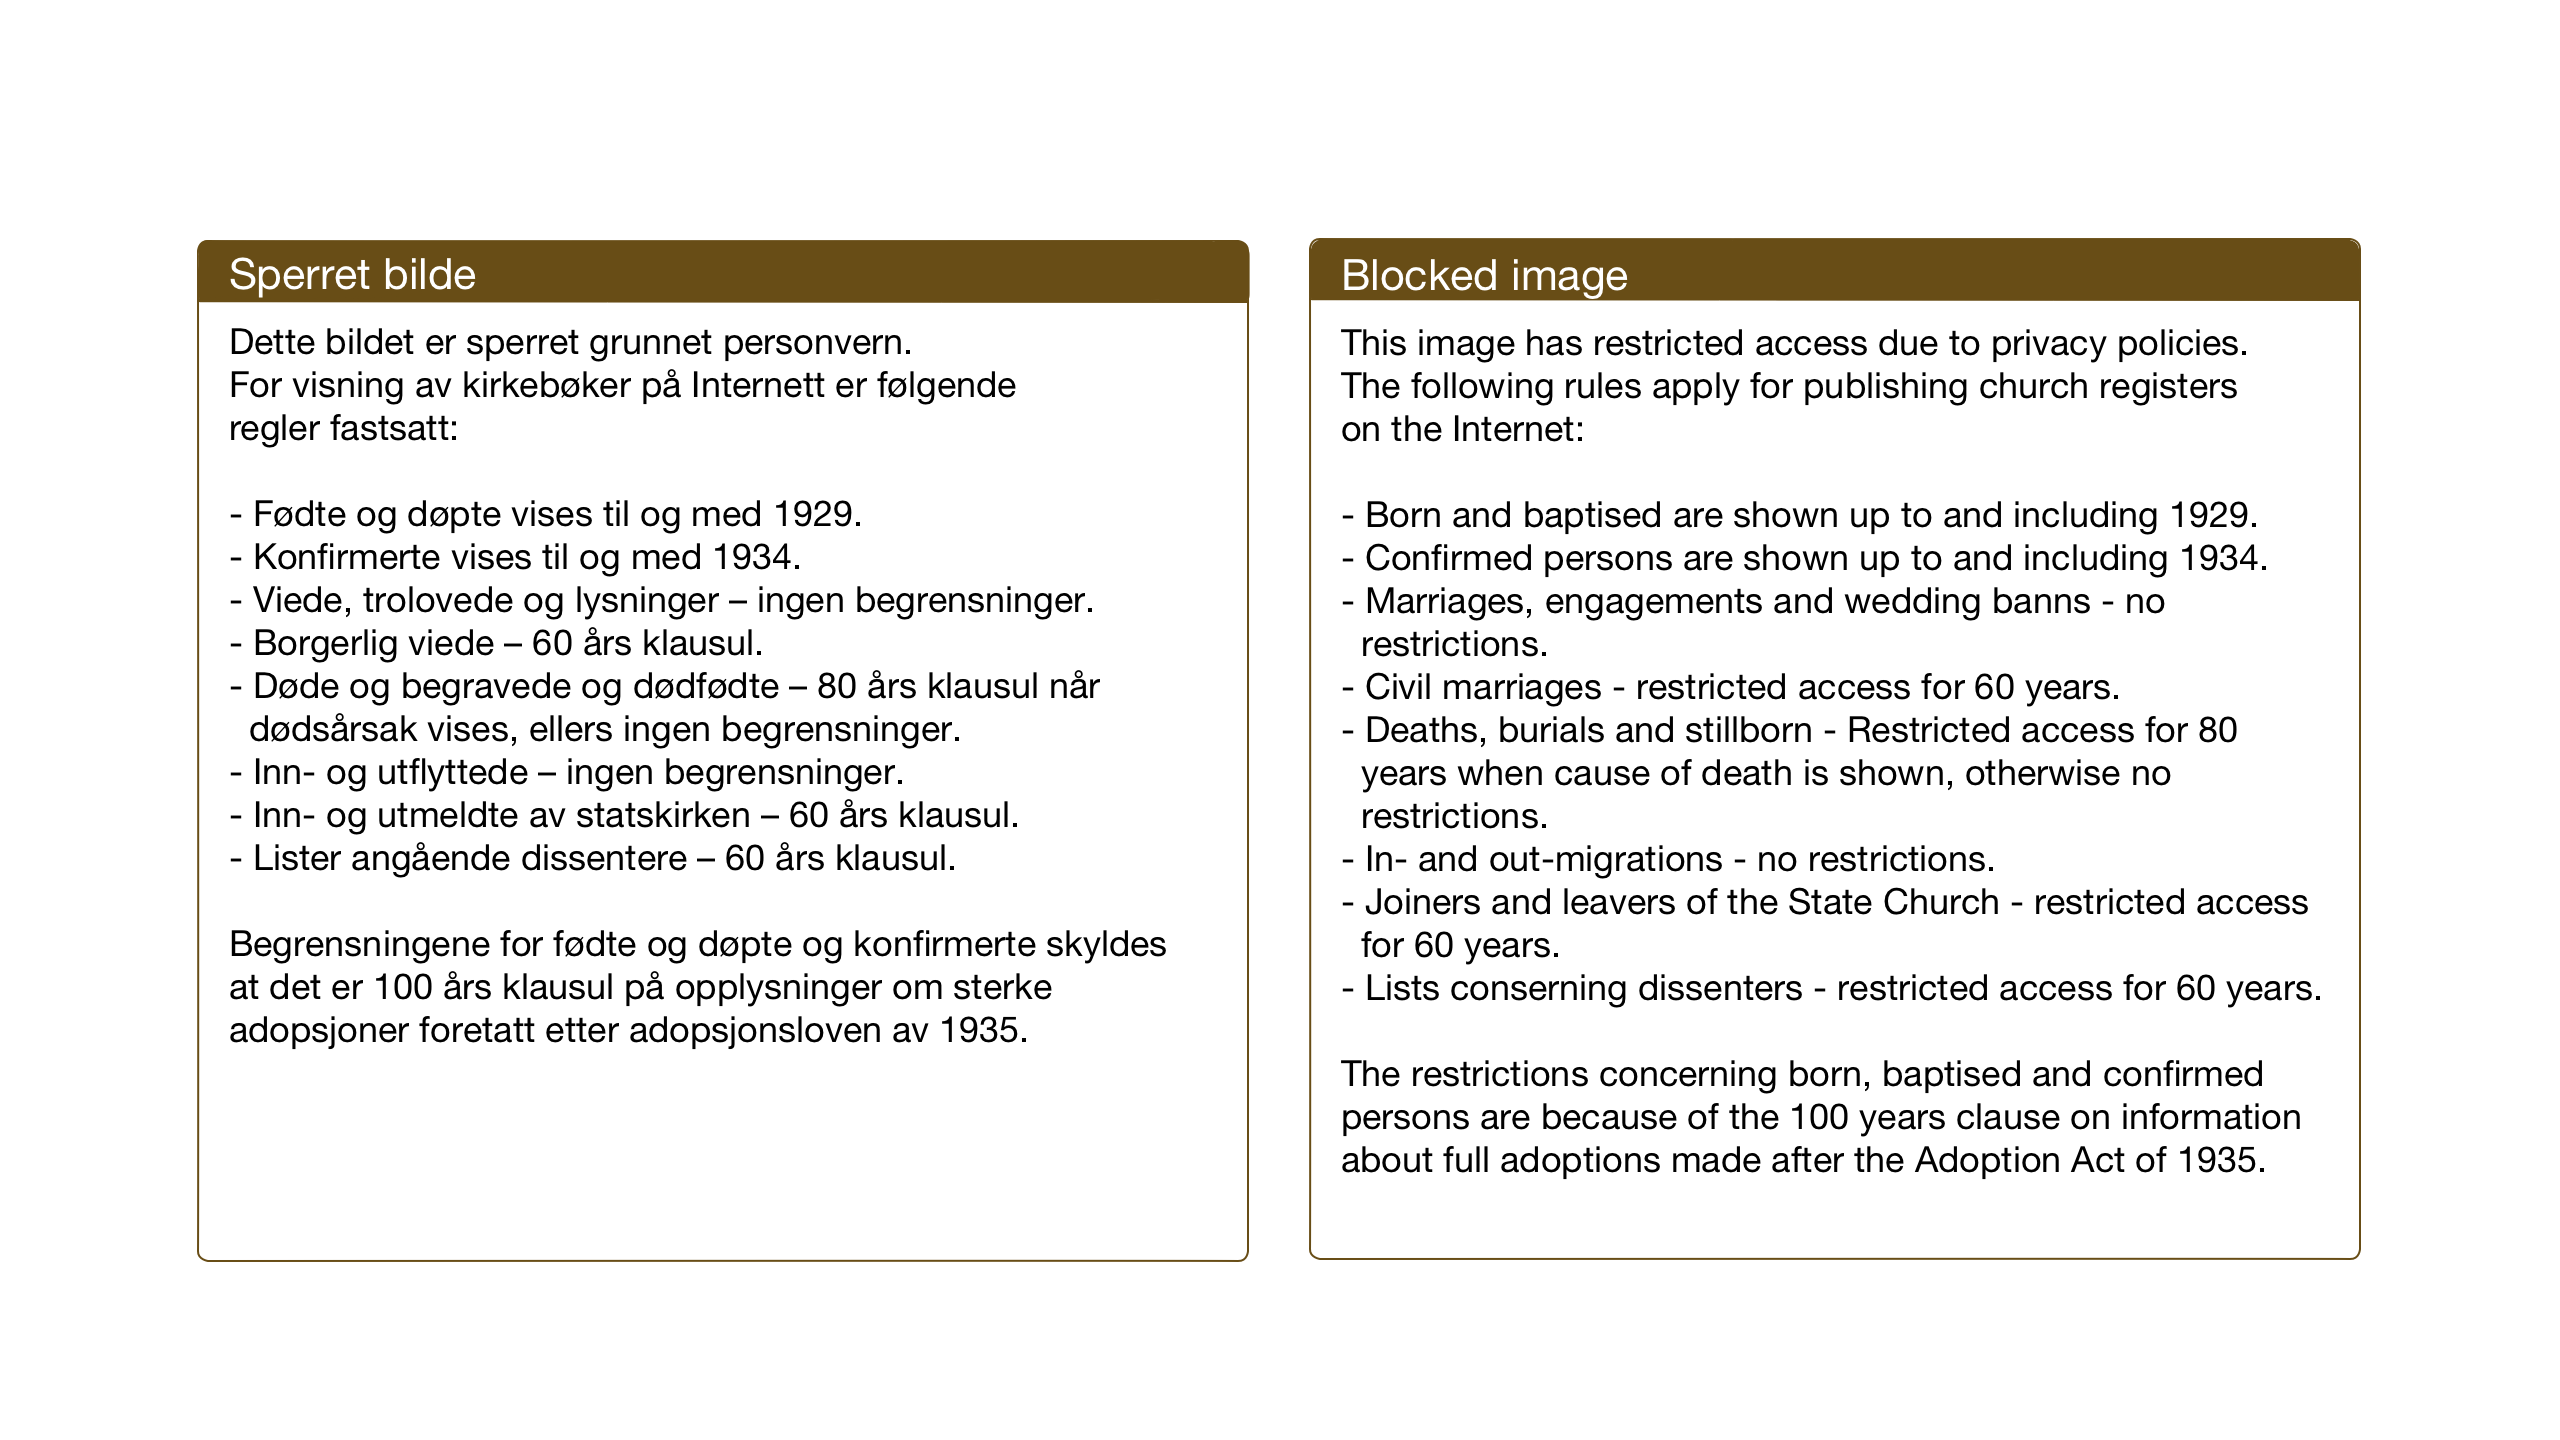 SAT, Ministerialprotokoller, klokkerbøker og fødselsregistre - Sør-Trøndelag, 607/L0328: Klokkerbok nr. 607C02, 1940-1948, s. 12